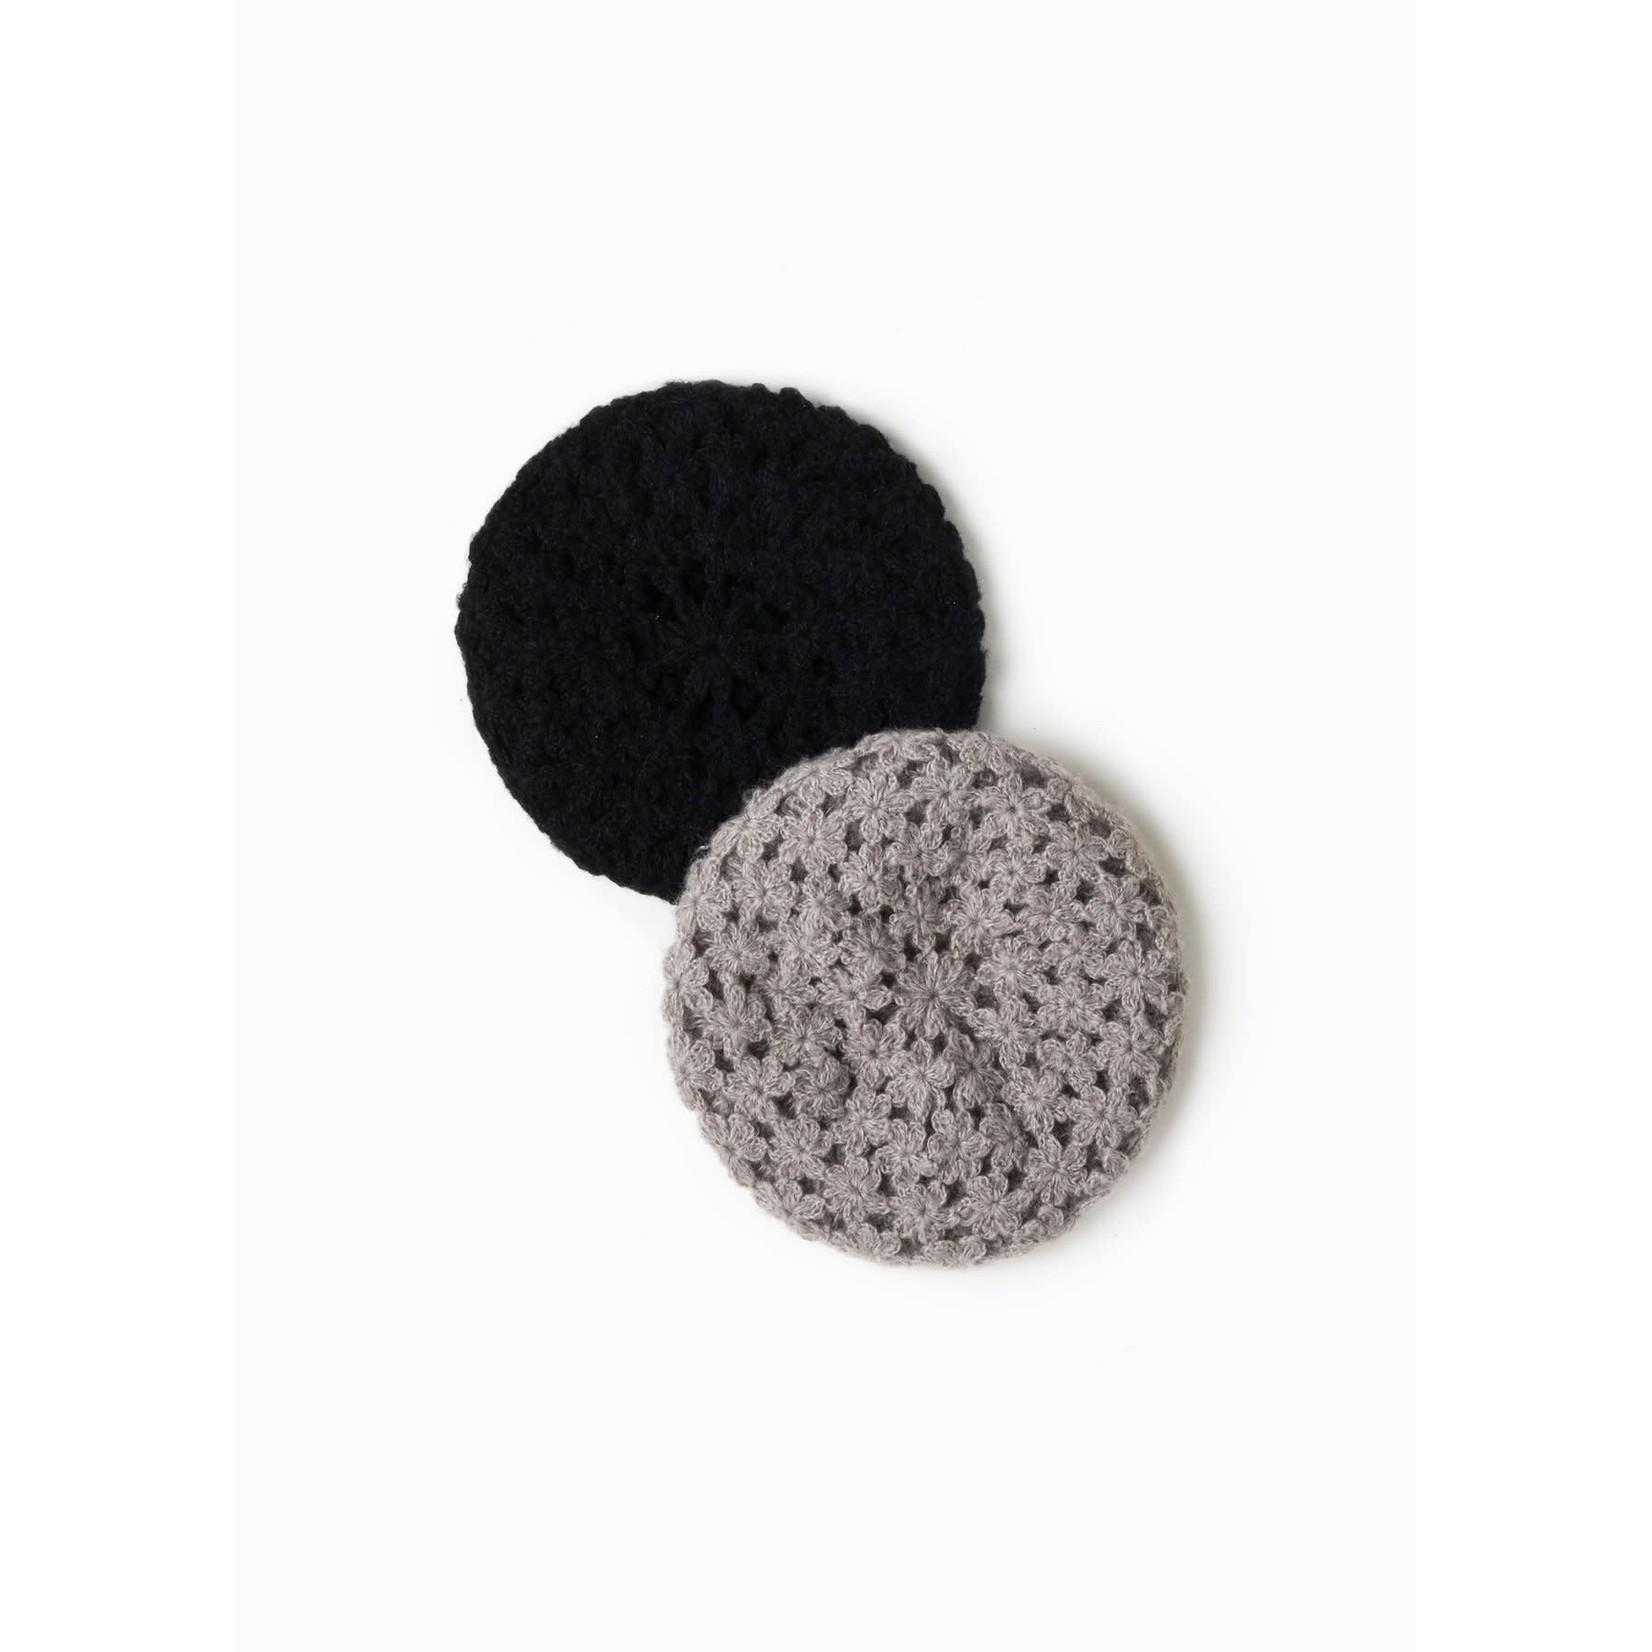 Floral Crochet Beret in Black